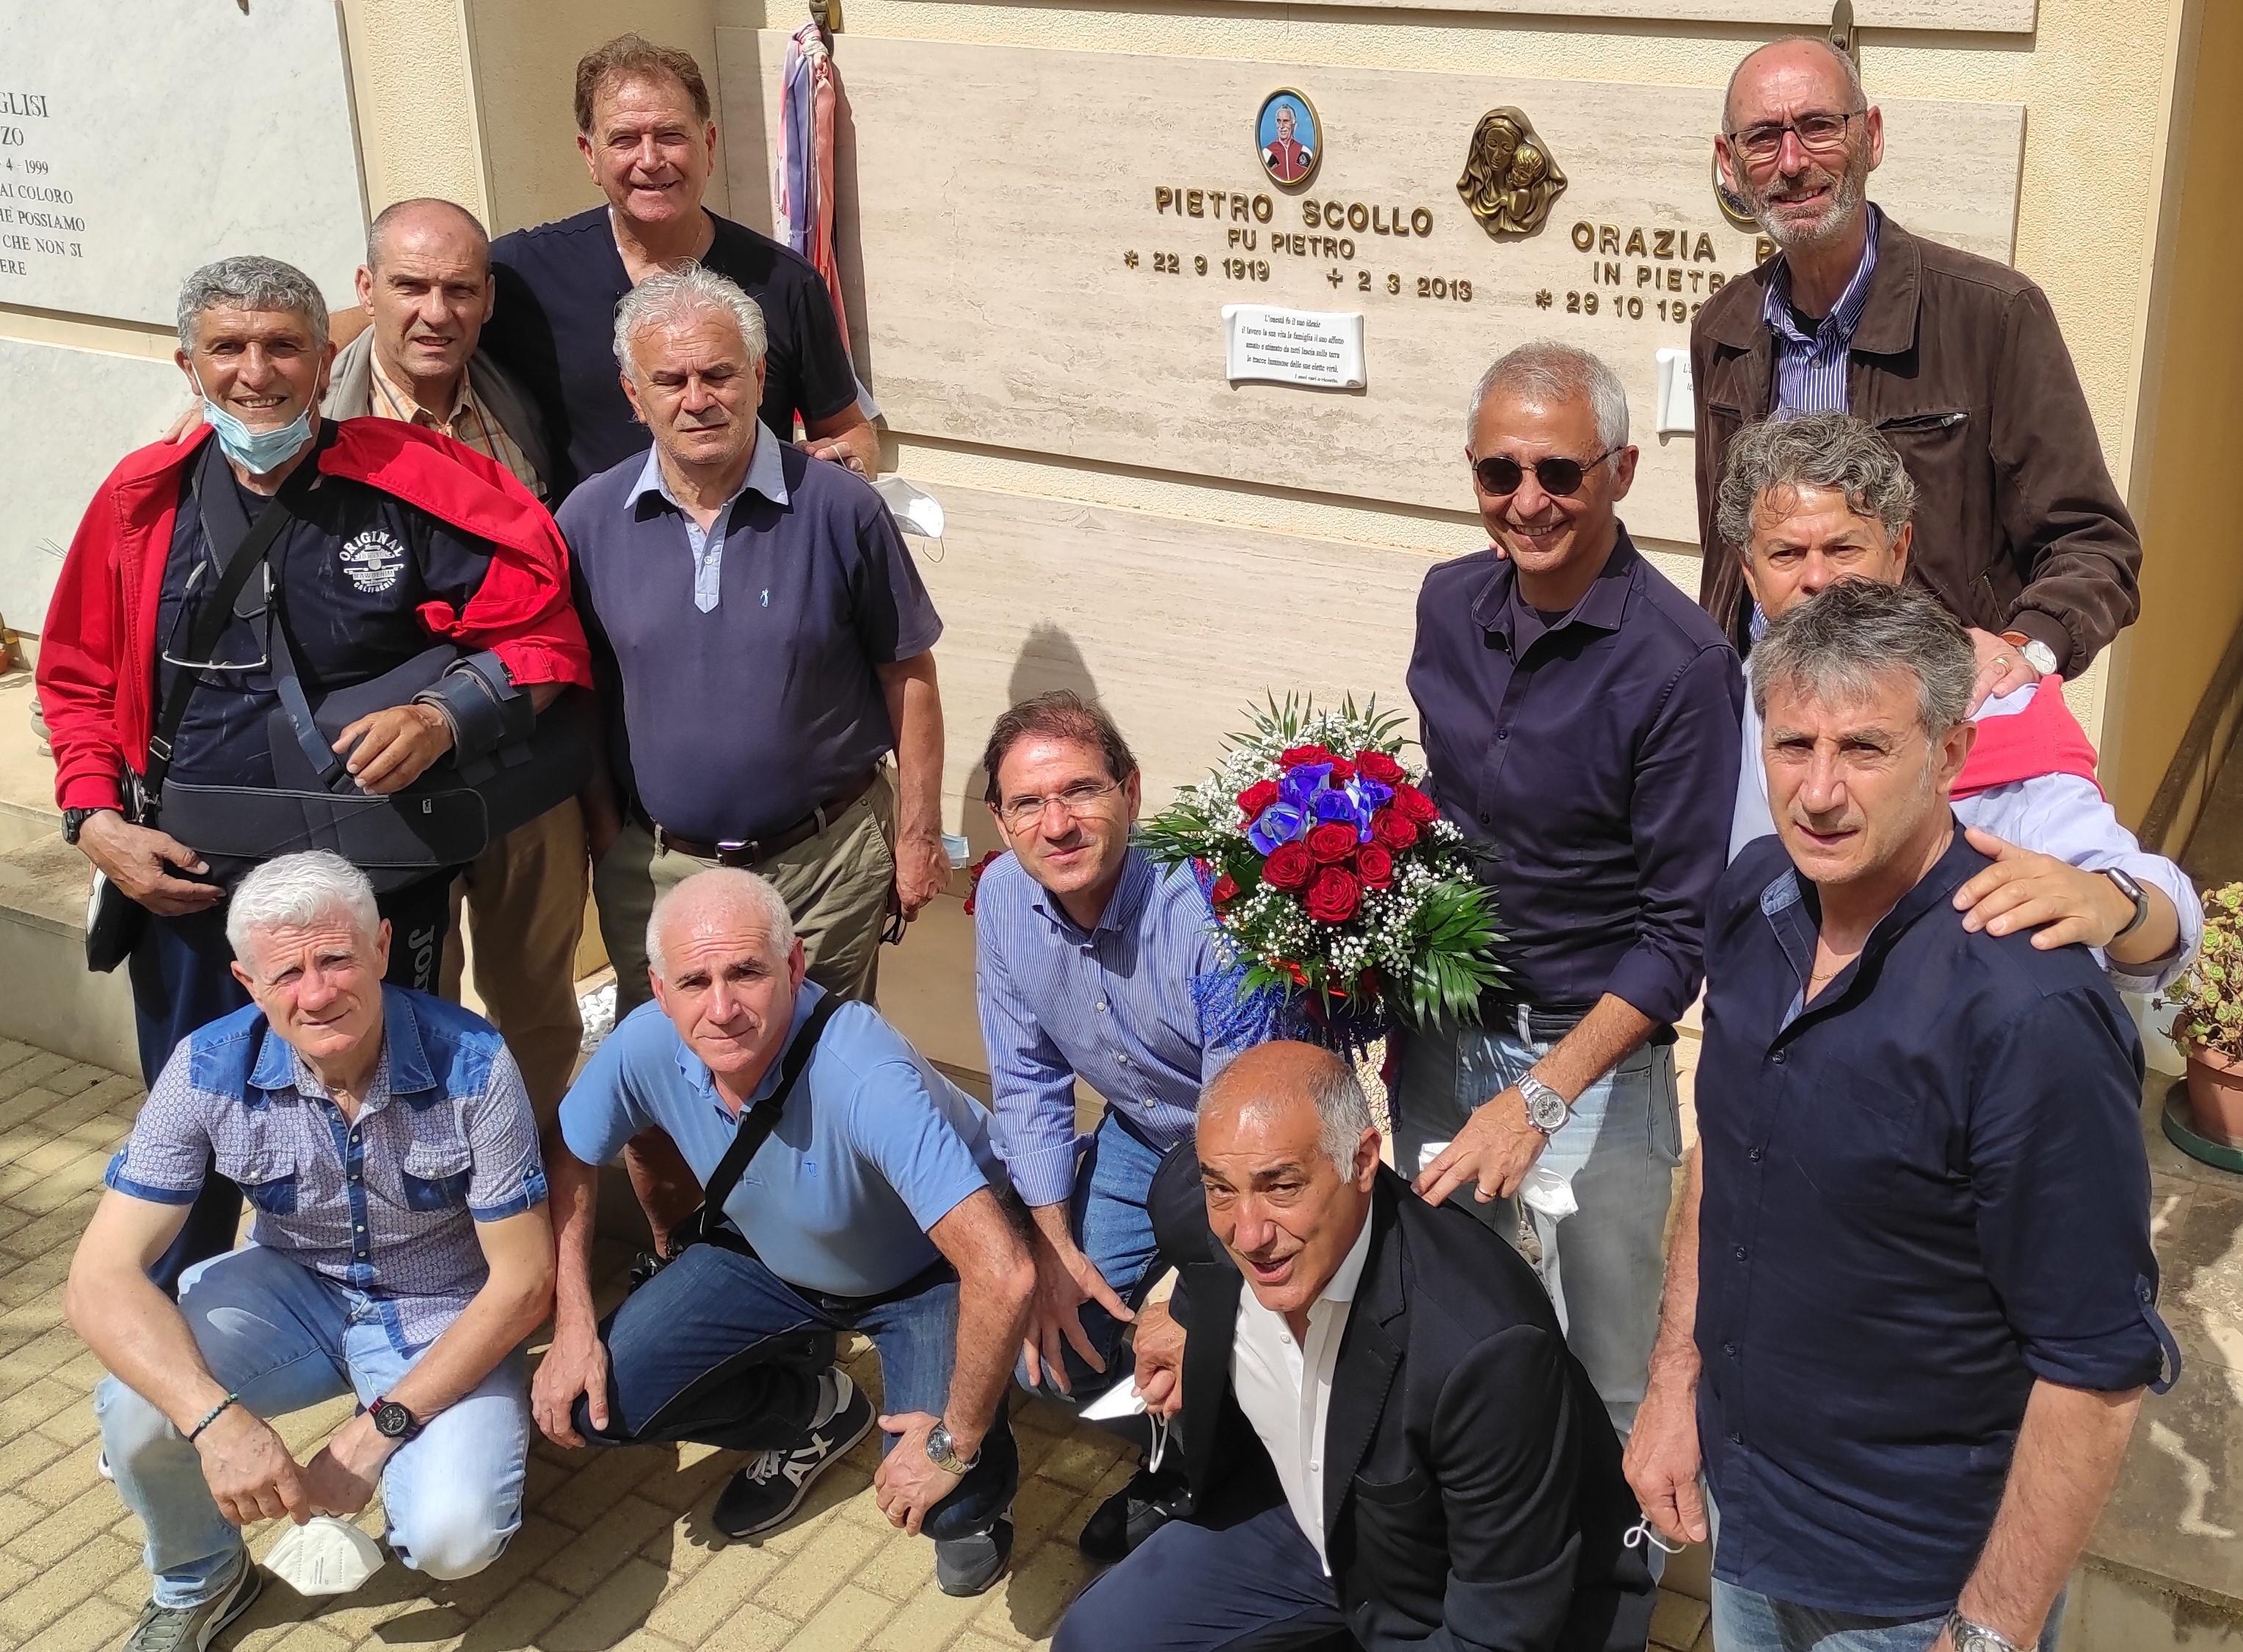 """Modica Calcio, quei """"Ragazzi dell'81"""": emozioni forti nel ricordo del campionato 1980-1981 a 40 anni dalla promozione in C2"""